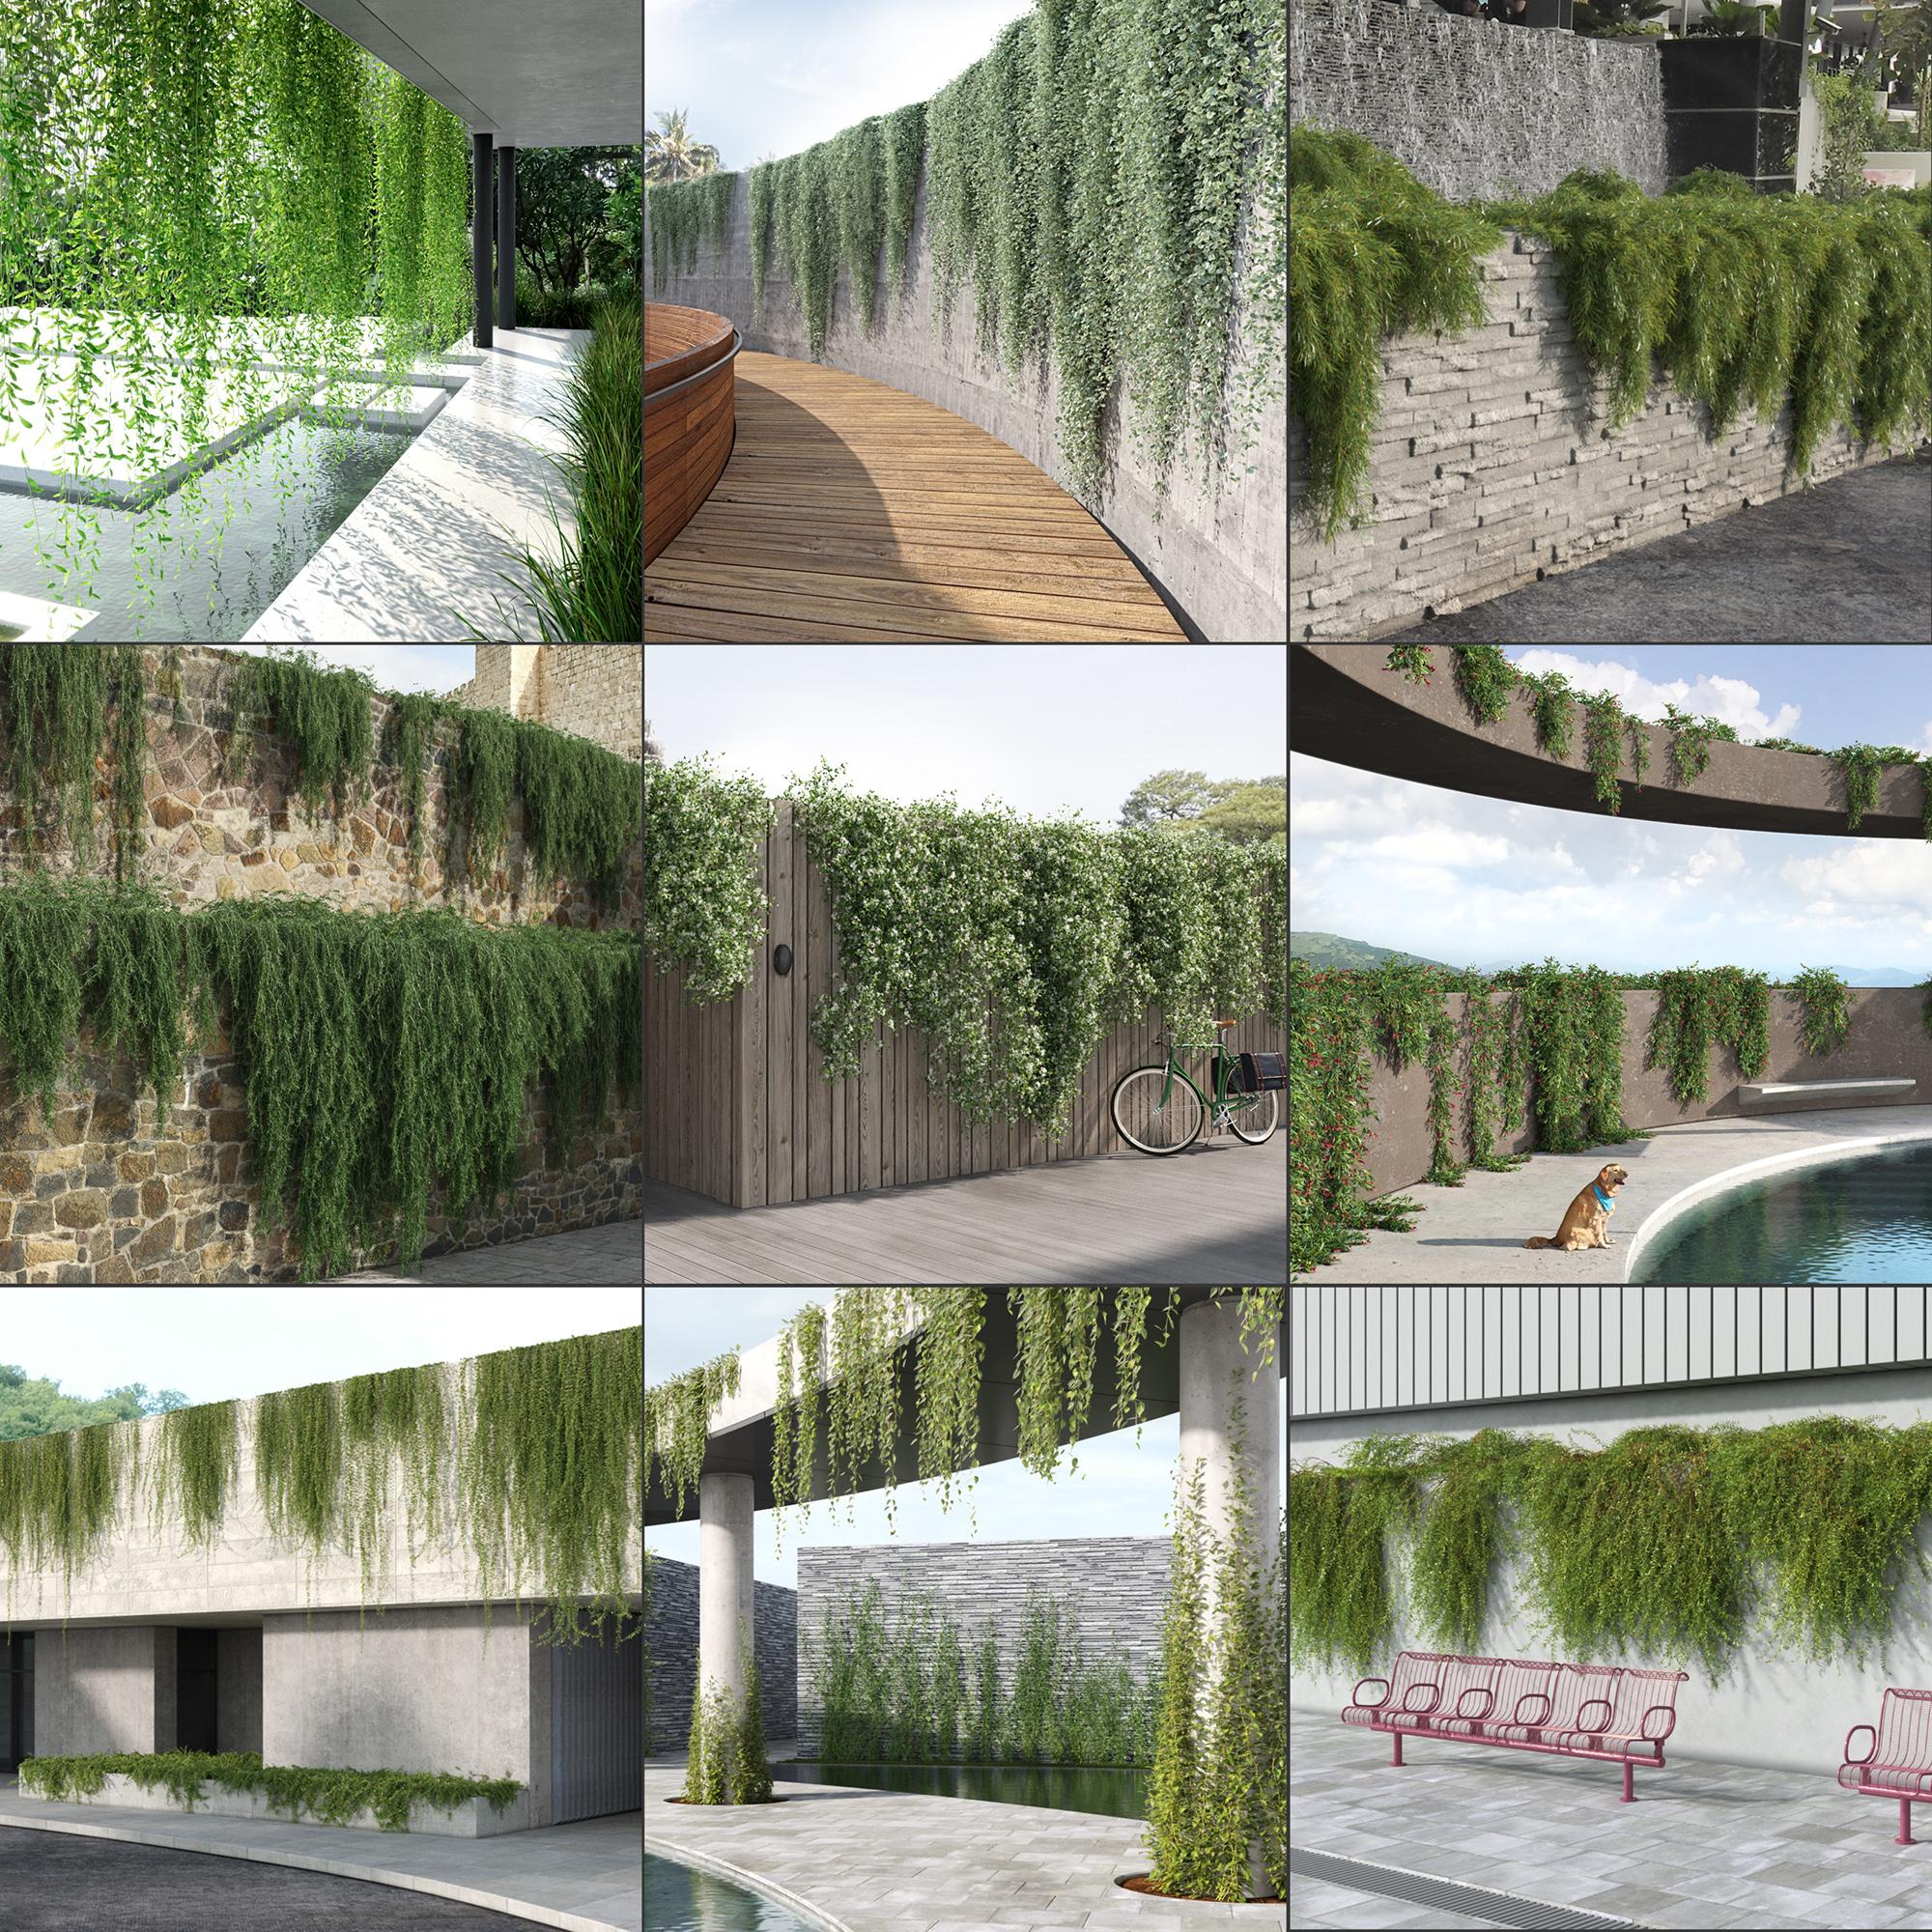 creeper plants 3D model